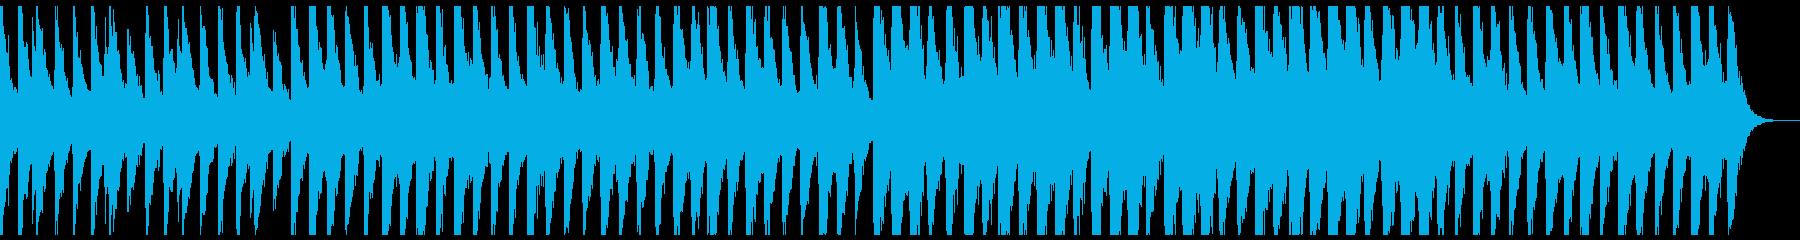 幻想的なピアノの再生済みの波形